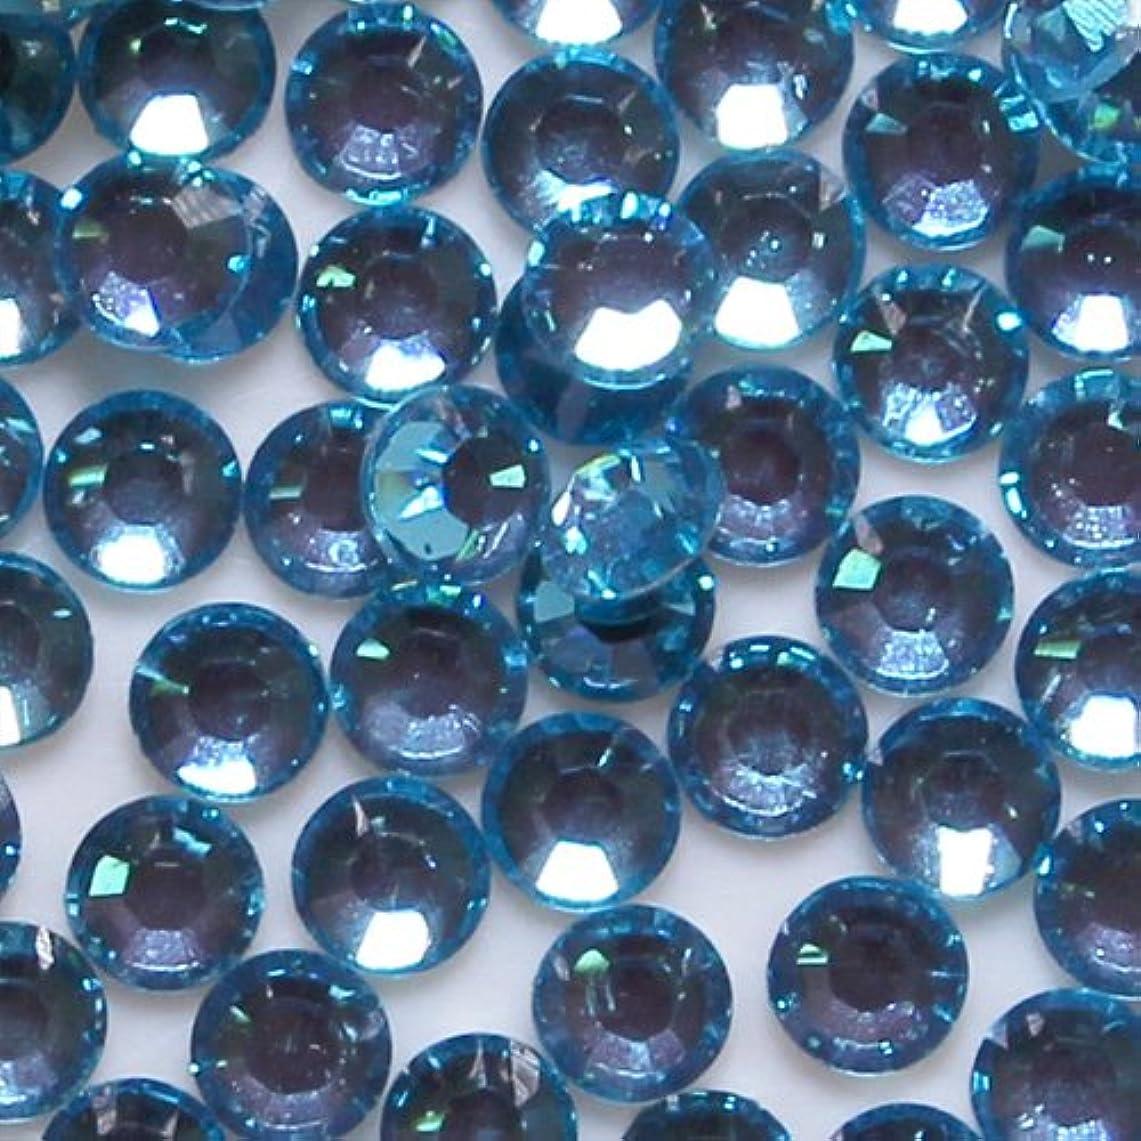 ナラーバークラウドホバー高品質 アクリルストーン ラインストーン ラウンドフラット 約1000粒入り 3mm ターコイズ